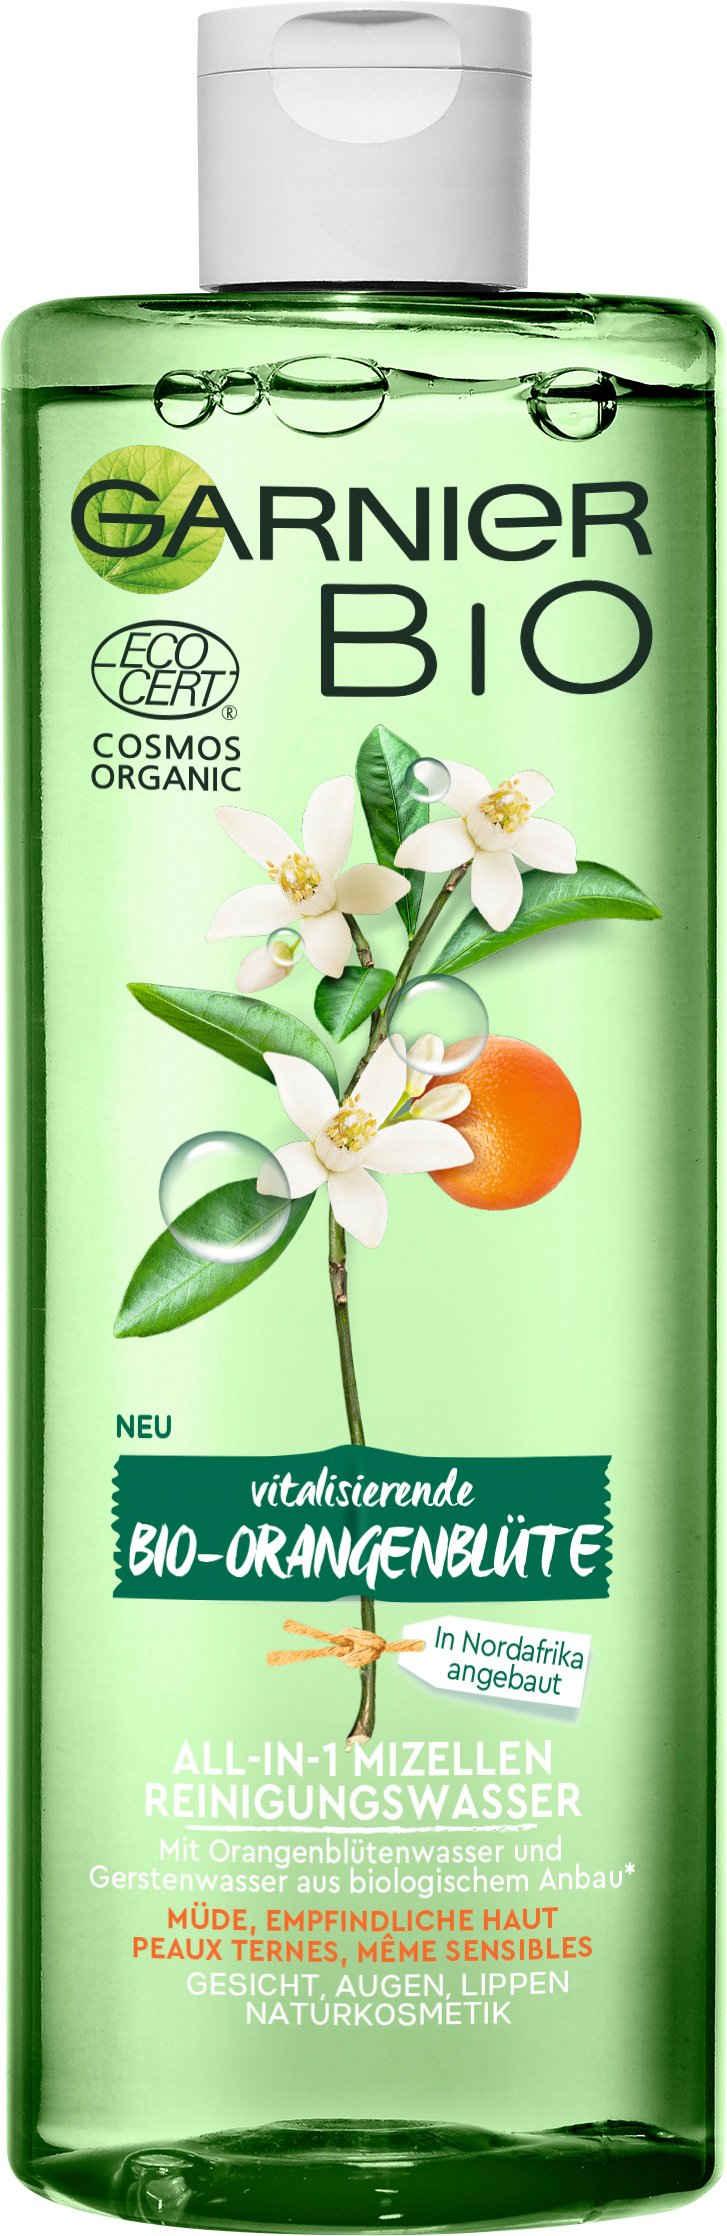 GARNIER Gesichtswasser »Bio Vitalisierende Orangenblüte All-in-1 Mizellen«